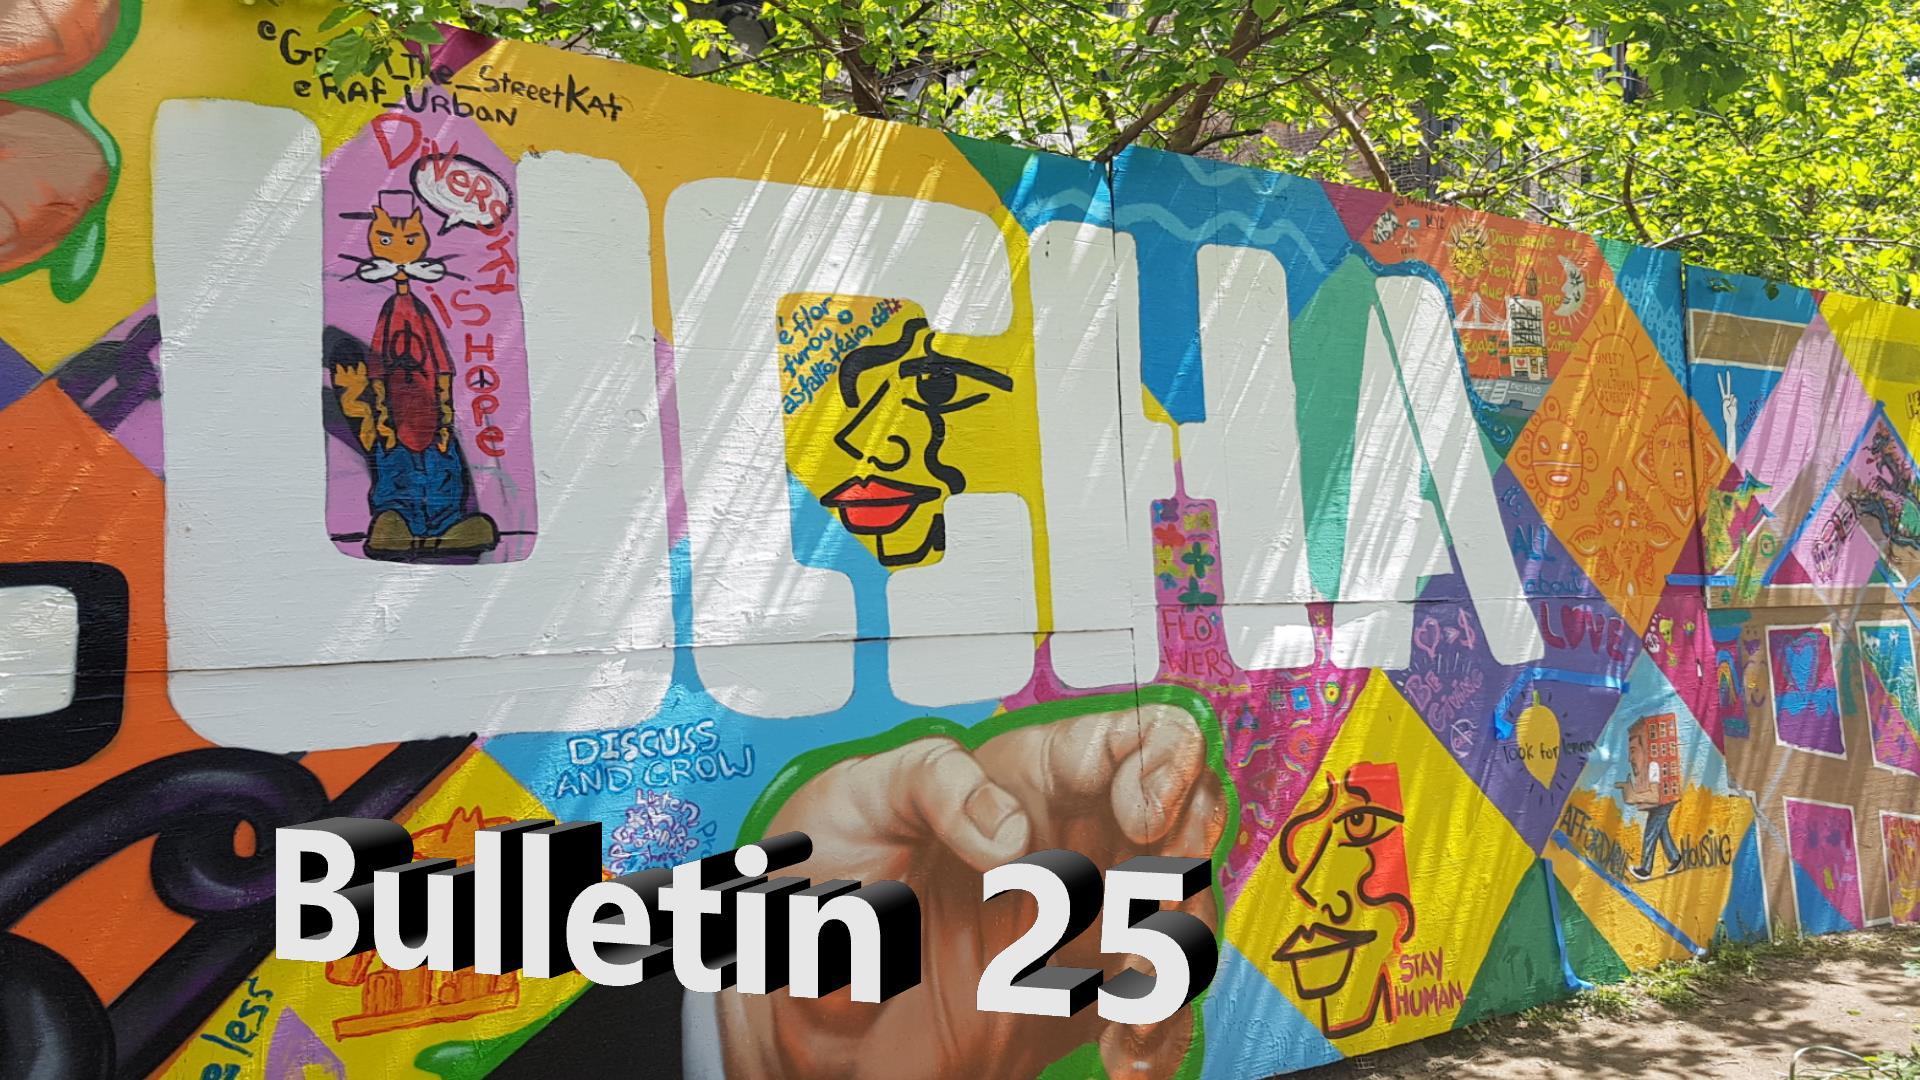 Bulletin 25,June 14